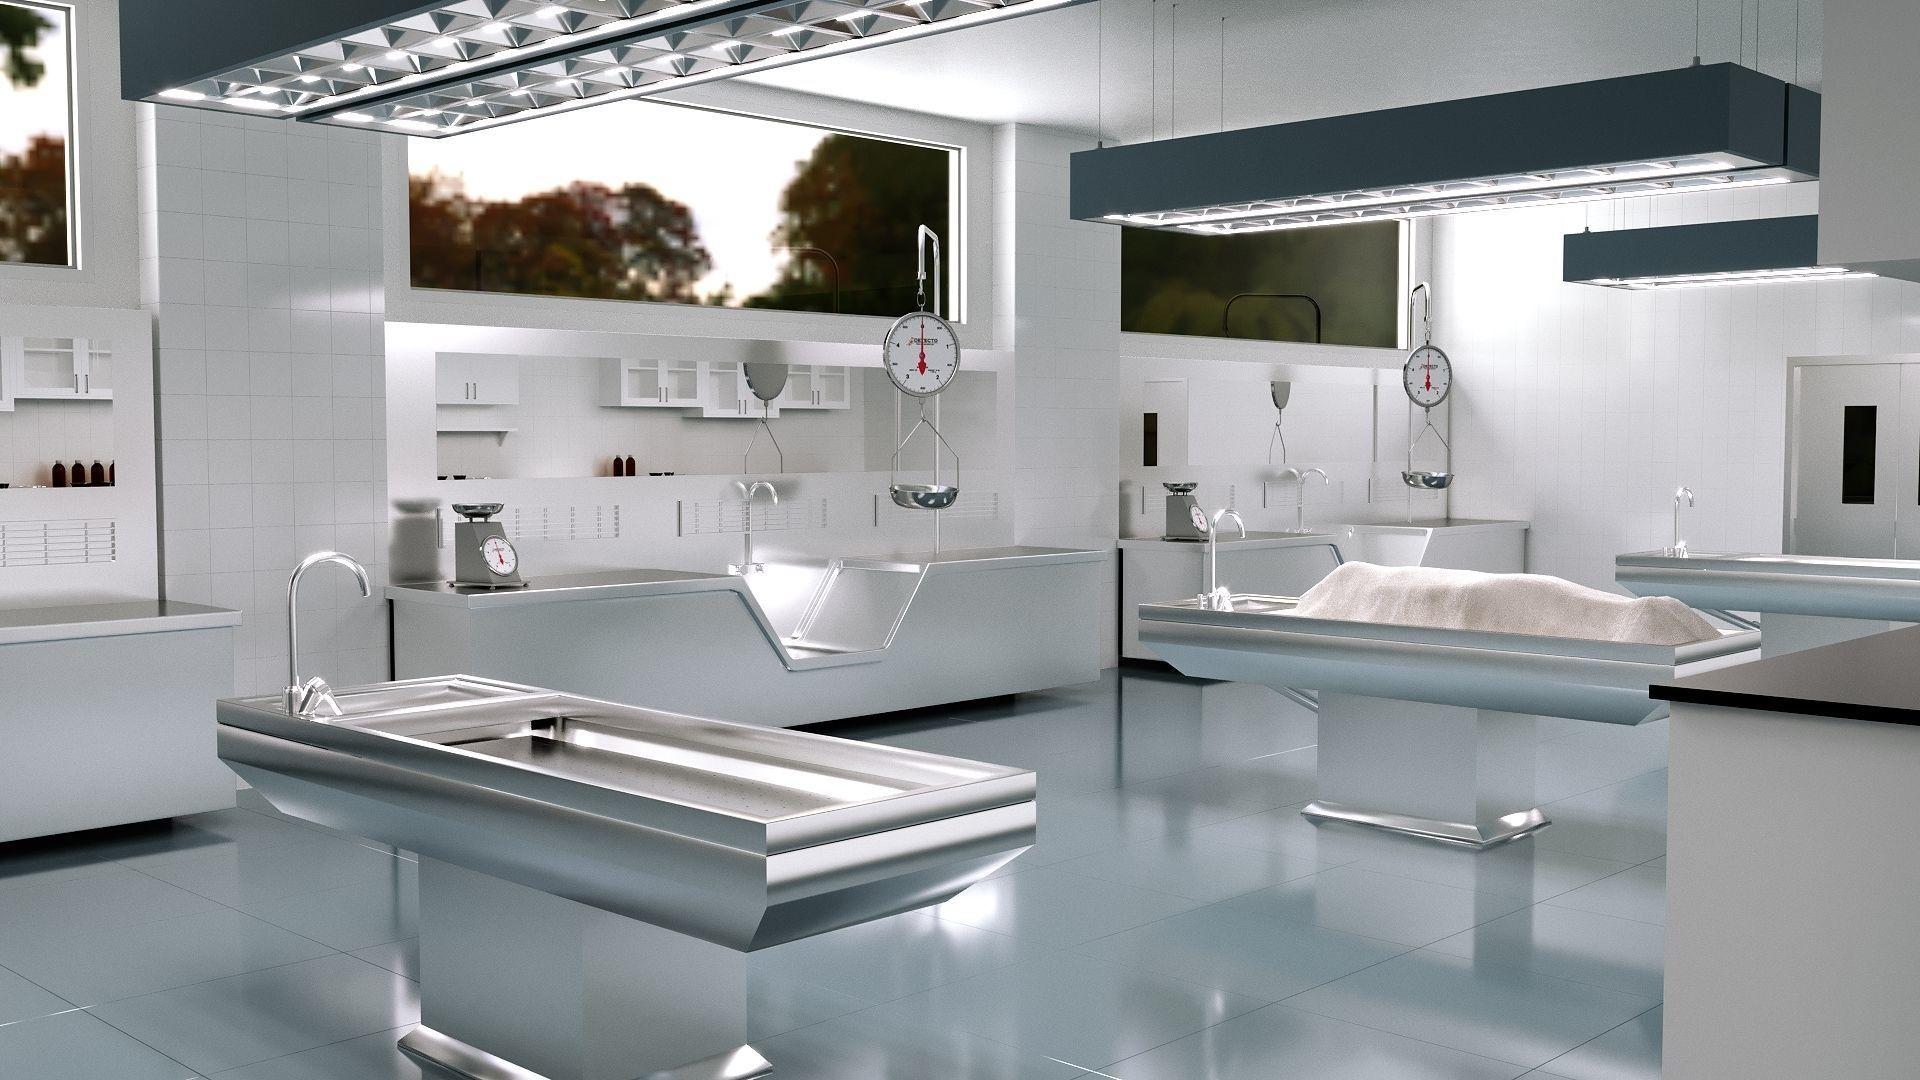 Autopsy Morgue Laboratory 3D model